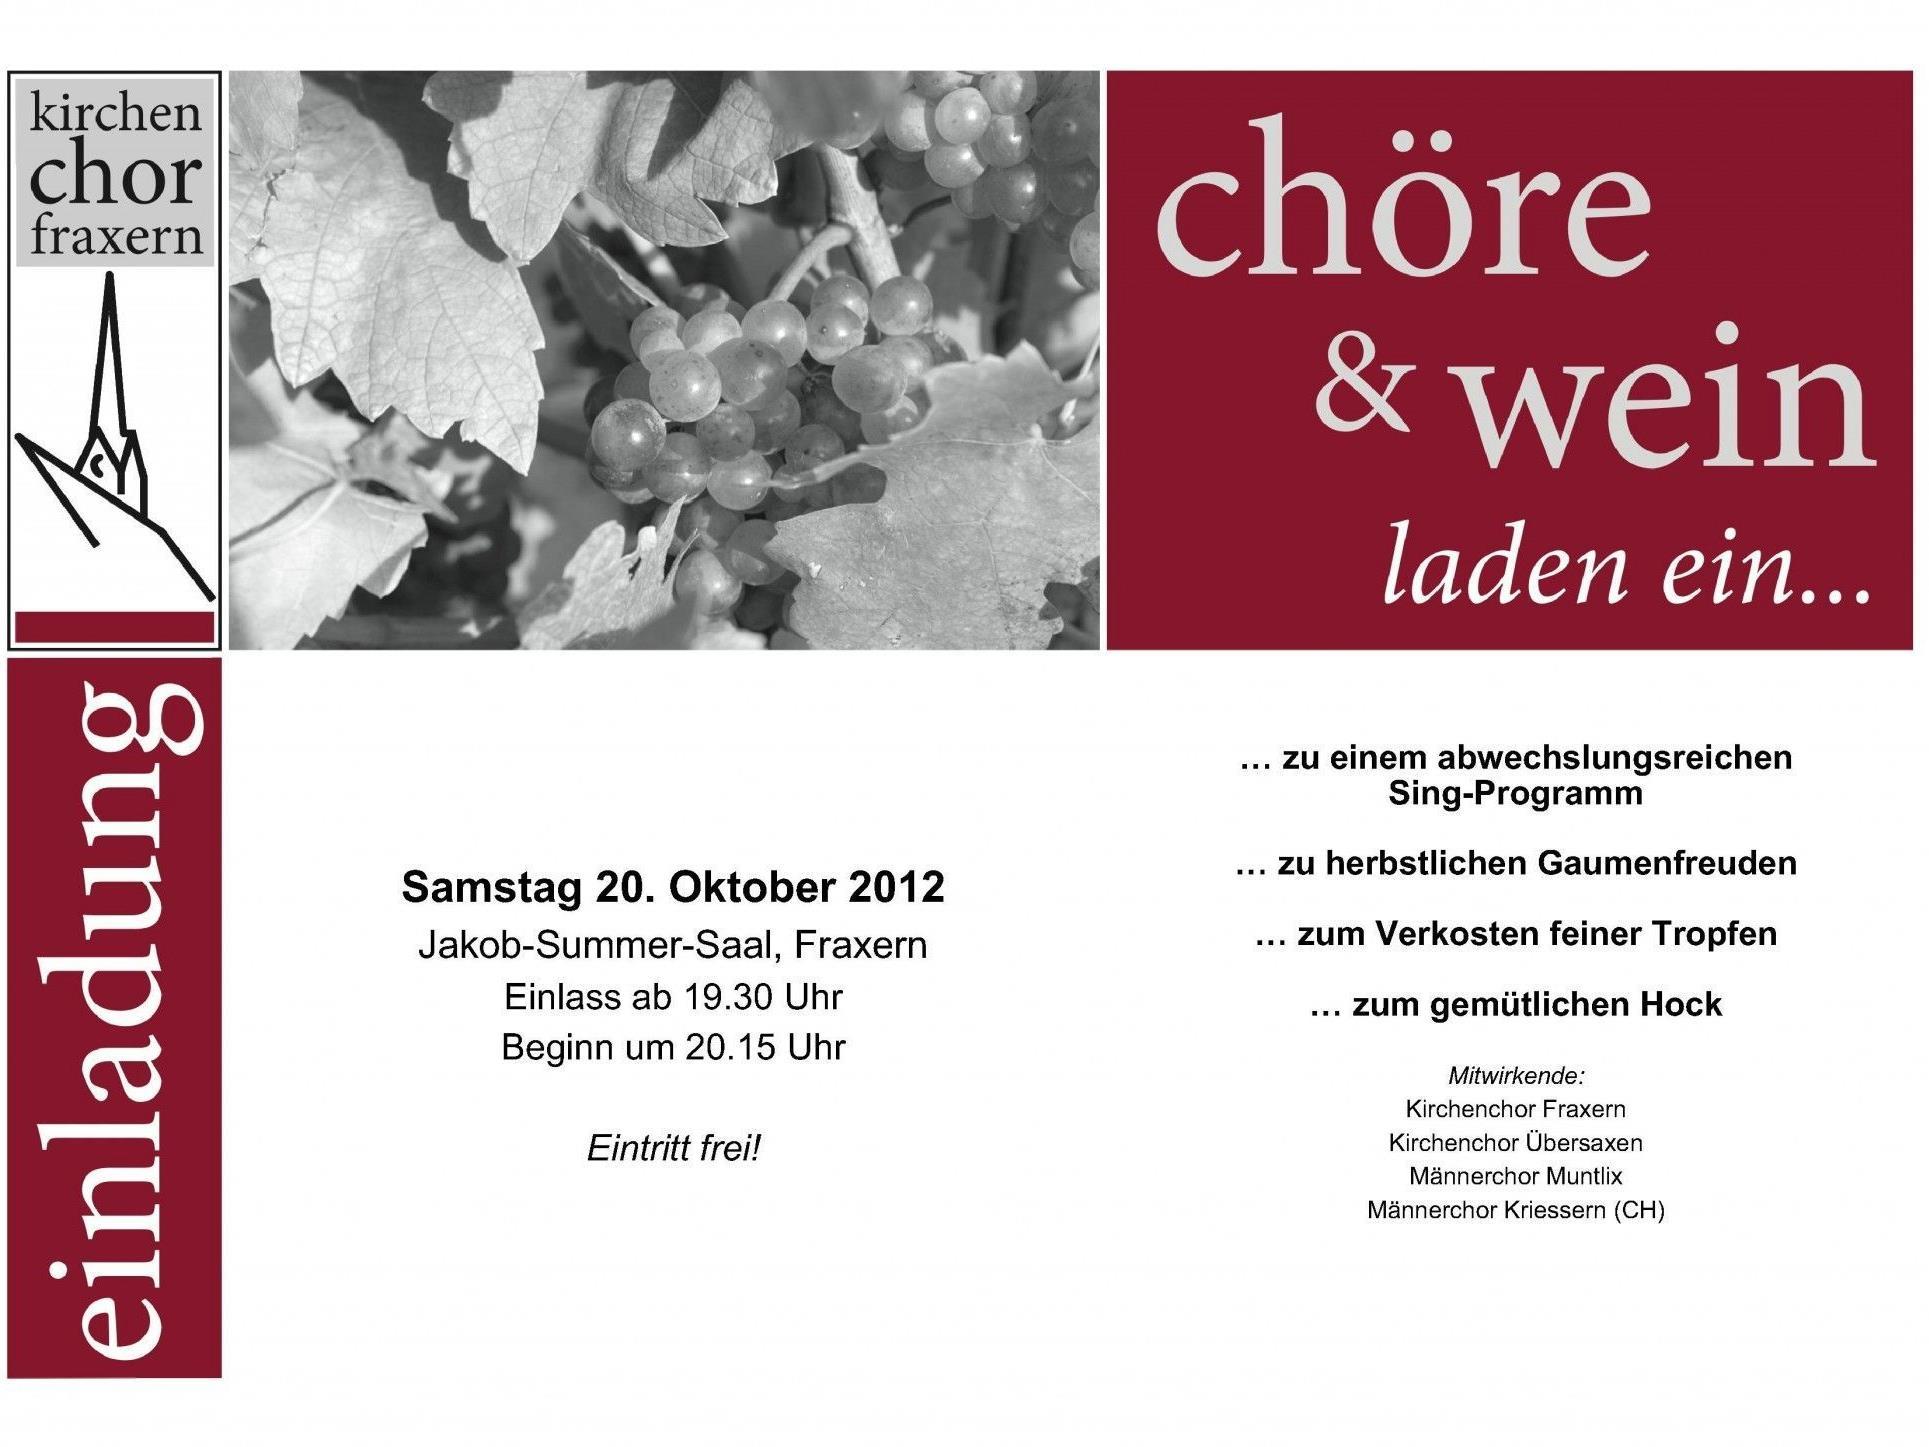 Kommenden Samstag, 20. Oktober ab 20.15 im Jakob-Summer-Saal: Ein besonderes Konzert verschiedener Chöre.